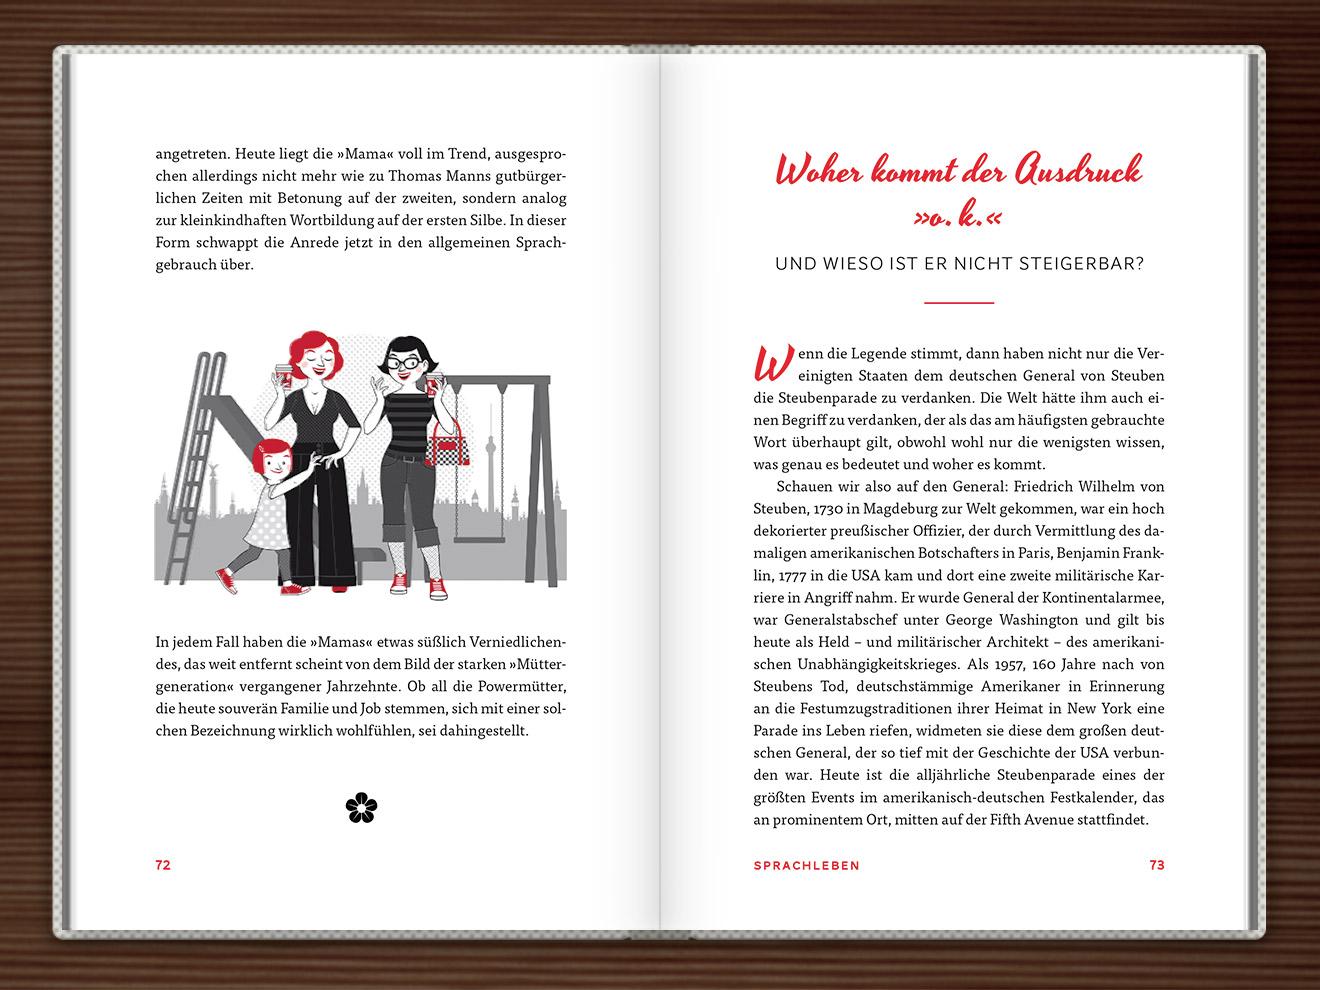 Mama im Buch Du hast das Wort, Schätzchen! 100 charmante Geschichten rund um die Sprache im Duden Verlag von Rita Mielke mit Illustrationen im Sixties-Stil von Iris Luckhaus